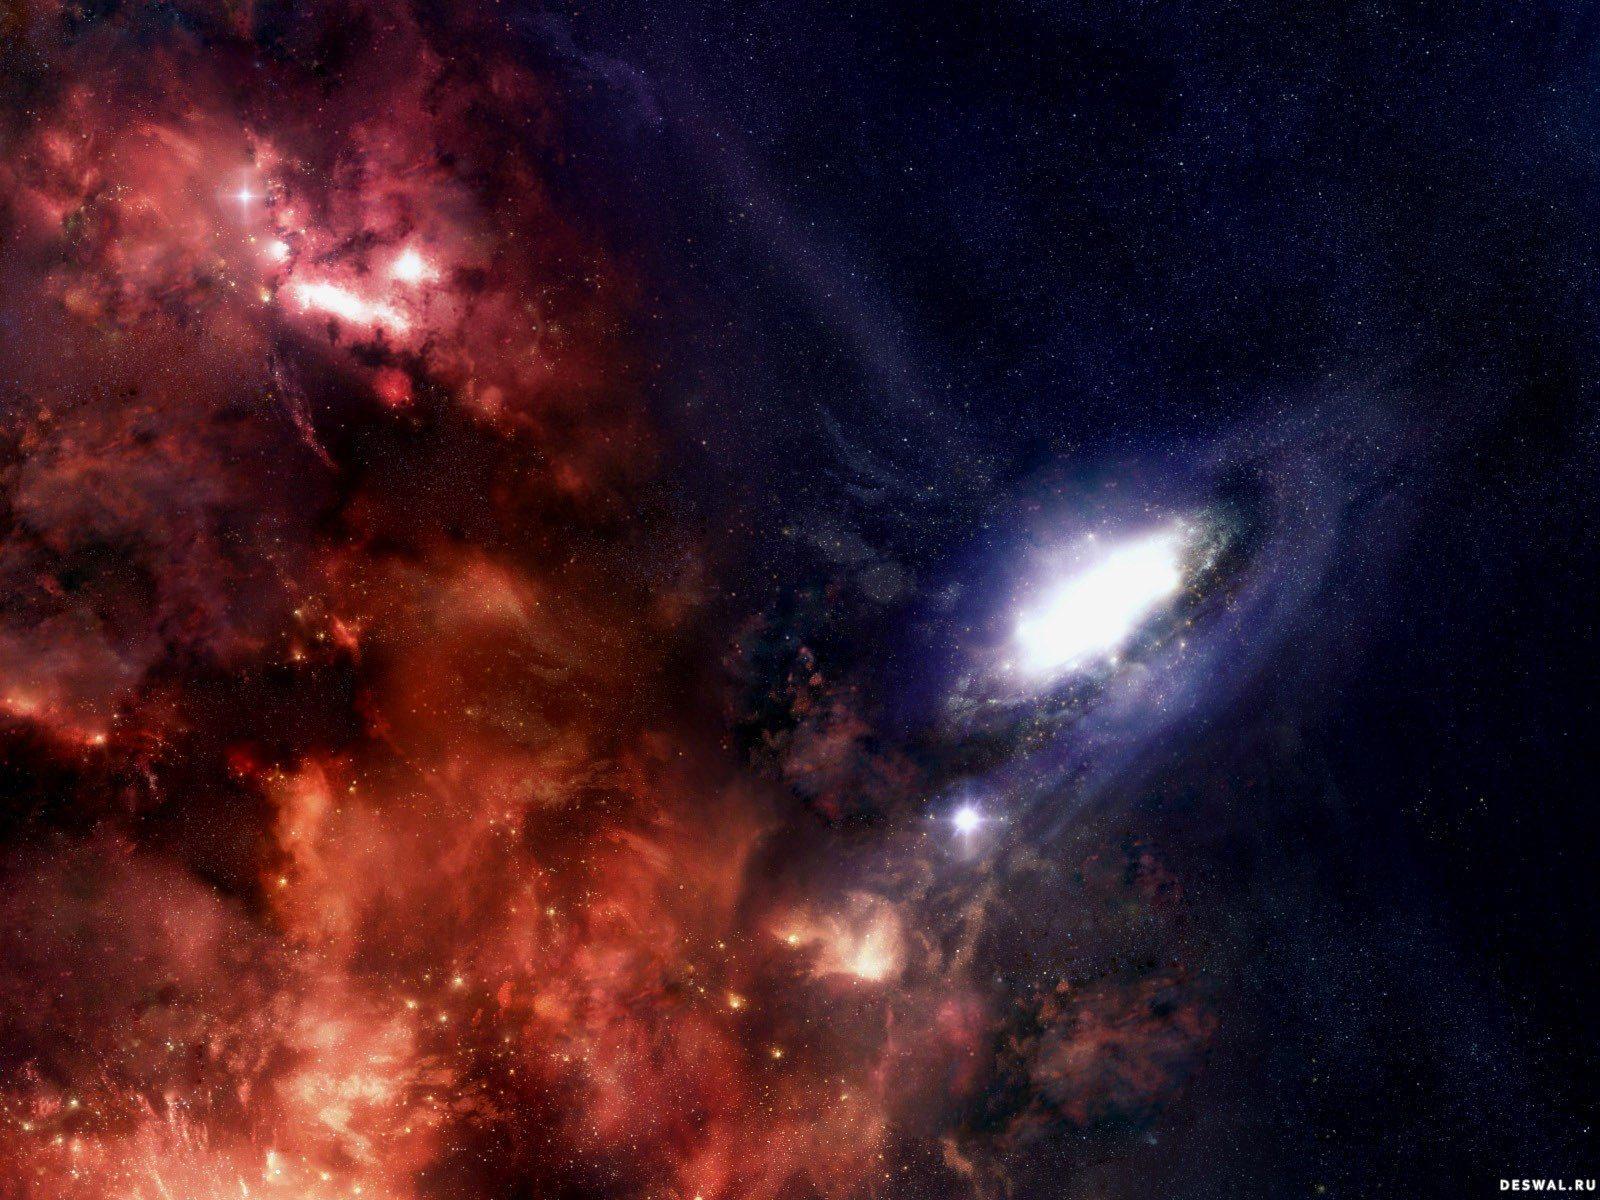 Фото 275.. Нажмите на картинку с обоями космоса, чтобы просмотреть ее в реальном размере